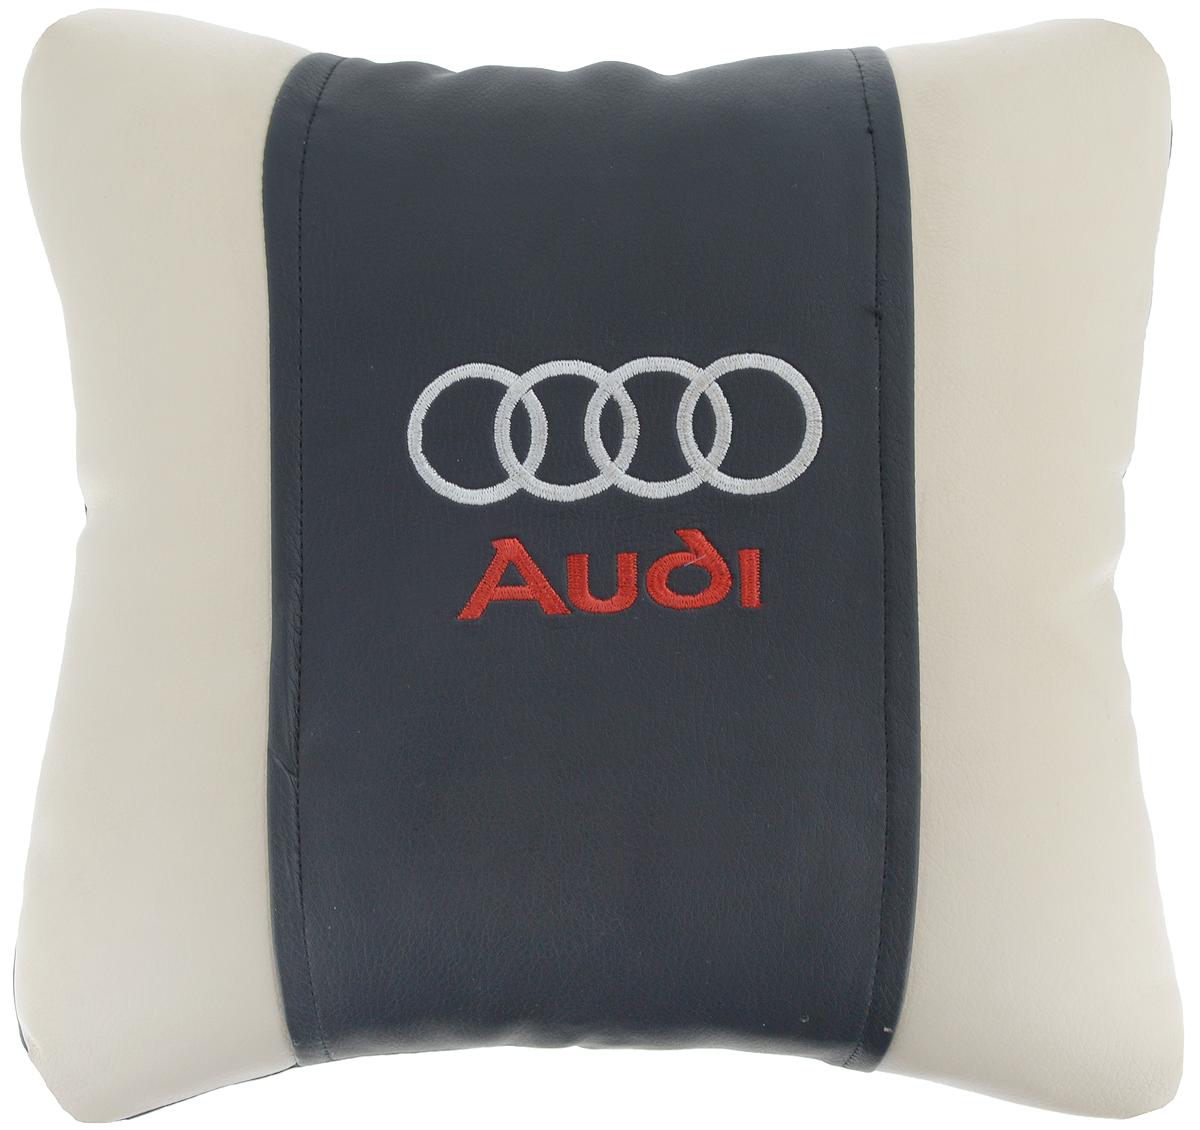 Подушка на сиденье Autoparts Audi, 30 х 30 см54 009312Подушка на сиденье Autoparts Audi создана для тех, кто весь свой день вынужден проводить за рулем. Чехол выполнен из высококачественной дышащей экокожи. Наполнителем служит холлофайбер. На задней части подушки имеется змейка.Особенности подушки:- Хорошо проветривается.- Предупреждает потение.- Поддерживает комфортную температуру.- Обминается по форме тела.- Улучшает кровообращение.- Исключает затечные явления.- Предупреждает развитие заболеваний, связанных с сидячим образом жизни. Подушка также будет полезна и дома - при работе за компьютером, школьникам - при выполнении домашних работ, да и в любимом кресле перед телевизором.